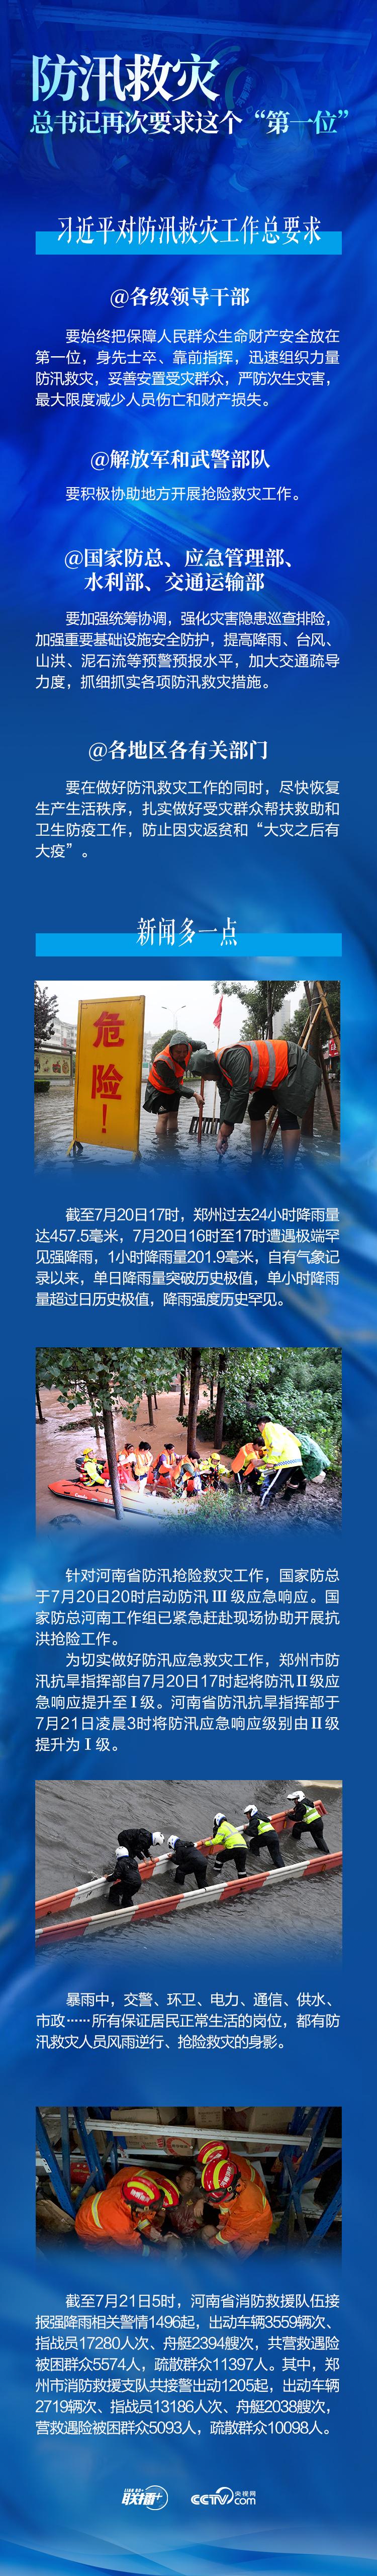 """防汛救灾 总书记再次要求这个""""第一位"""" 央视网.jpg"""